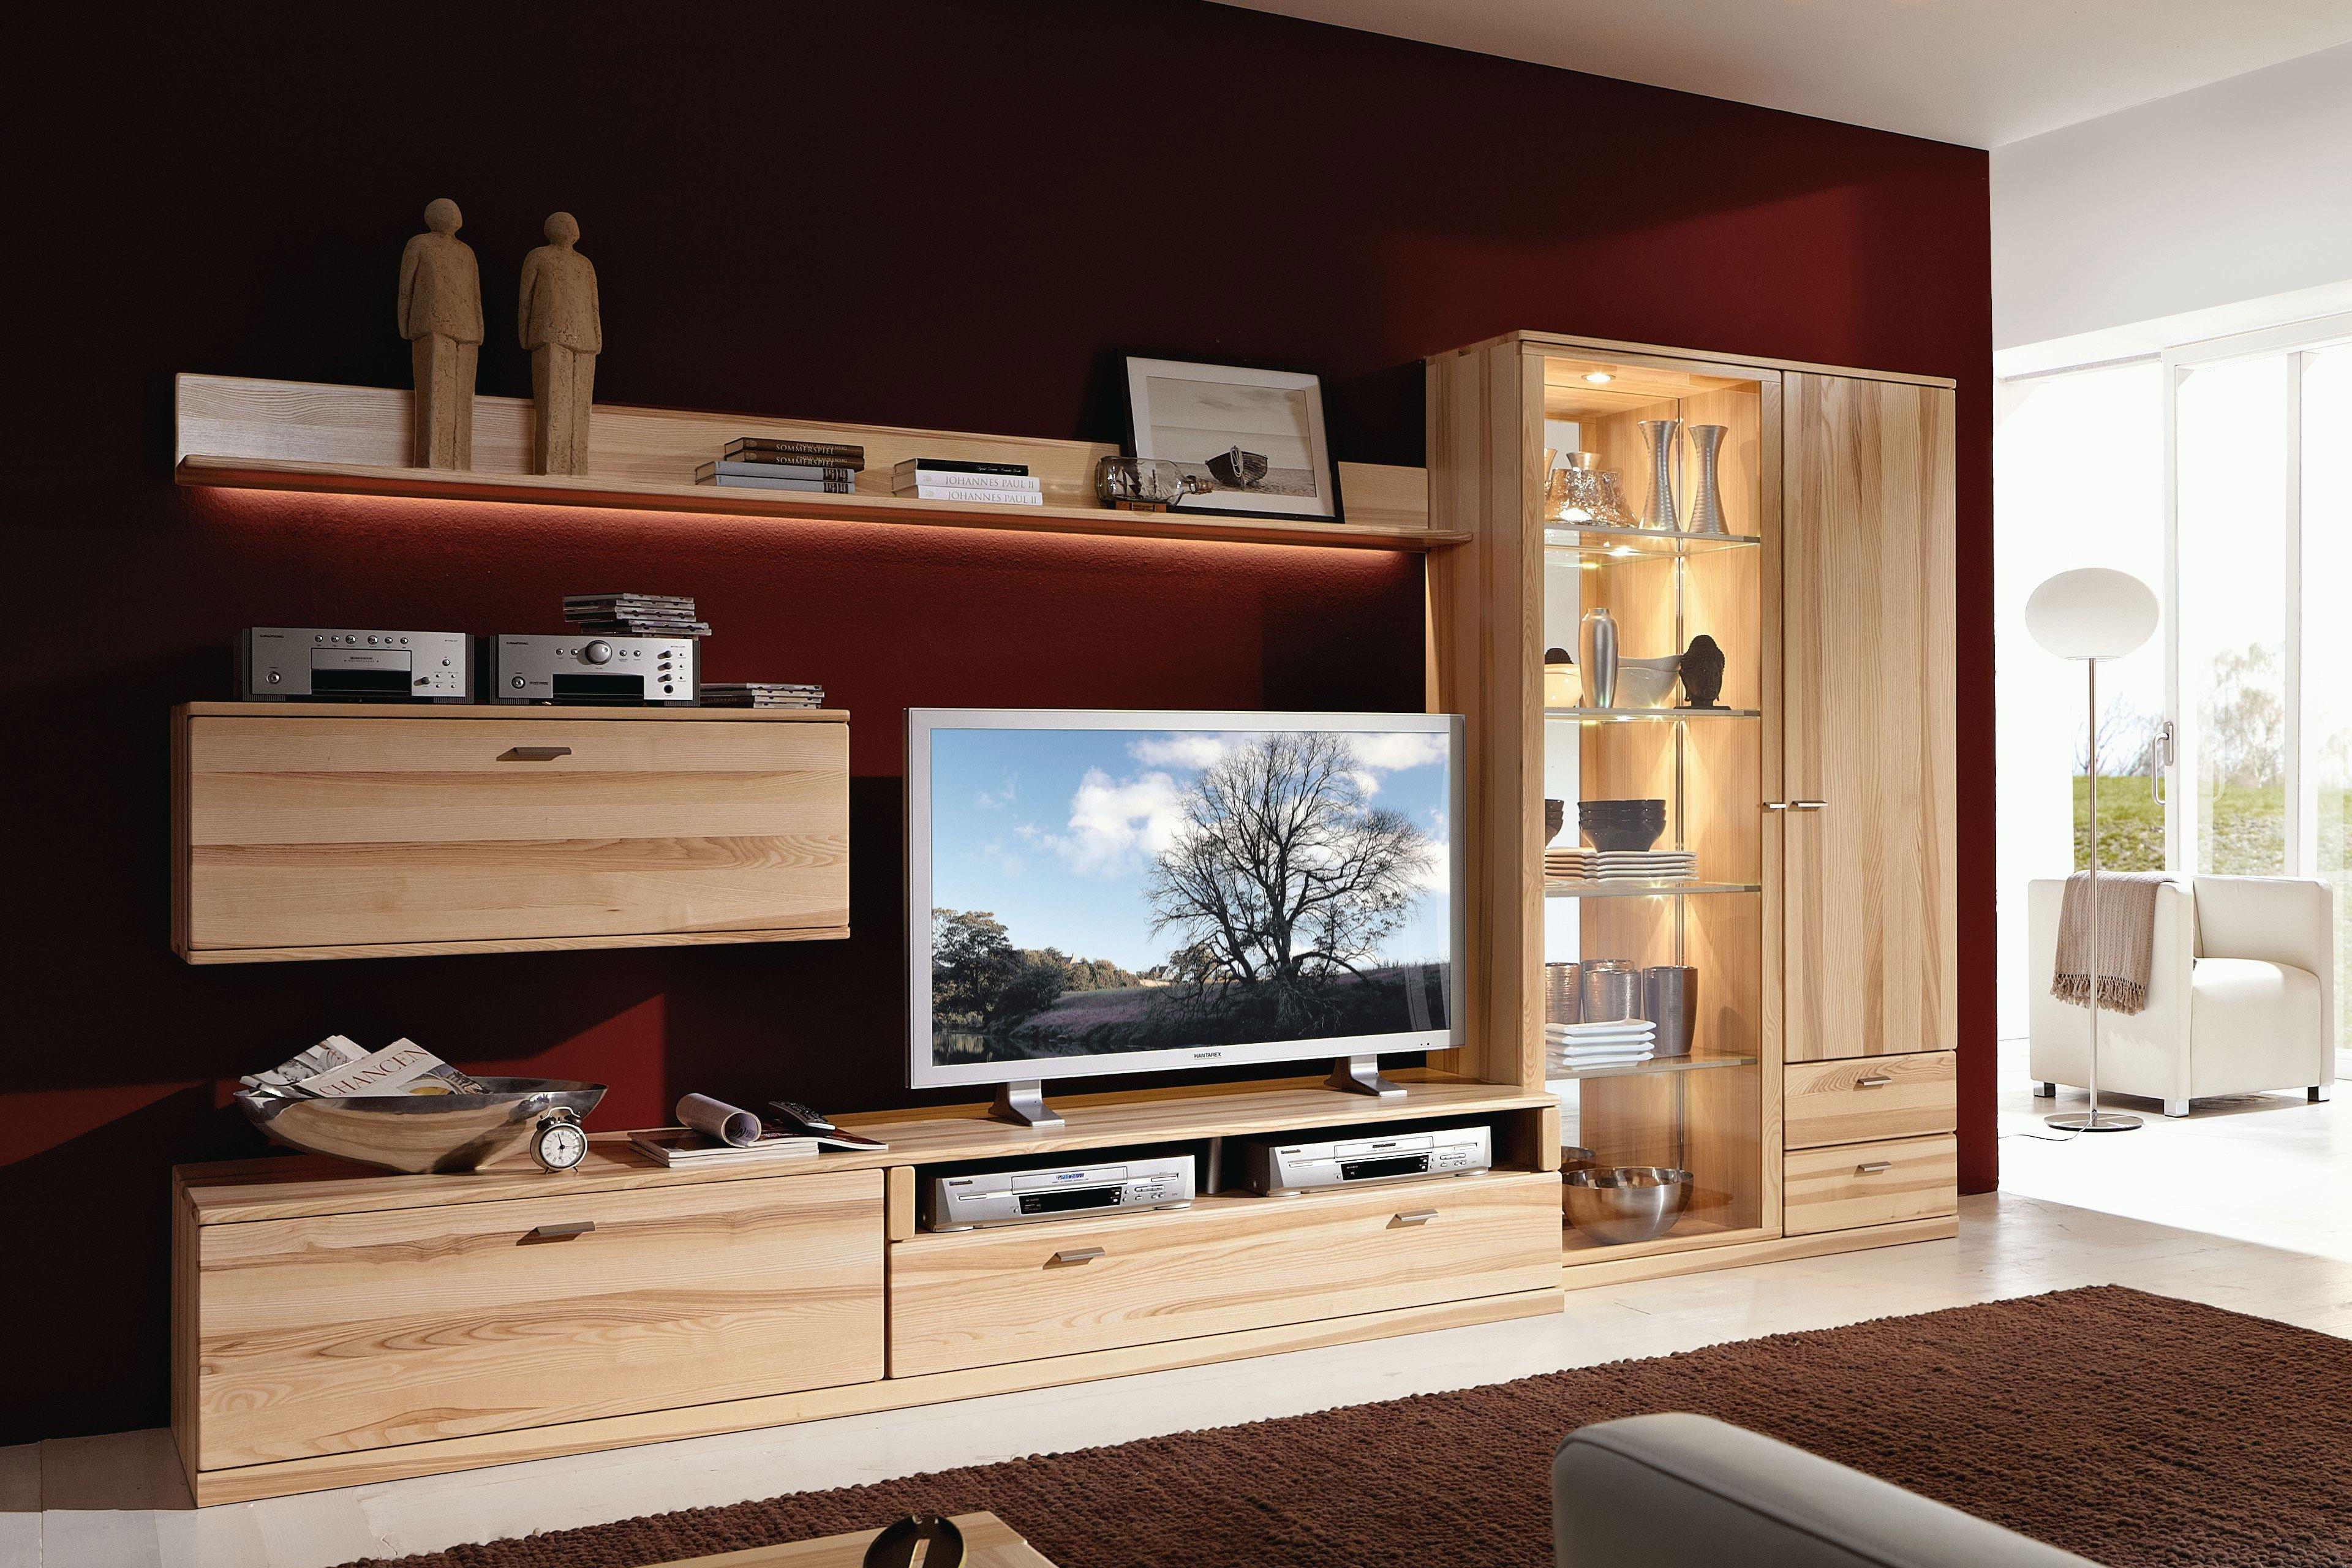 rietberger m belwerke wohnwand lyon 6779 kernesche m bel letz ihr online shop. Black Bedroom Furniture Sets. Home Design Ideas